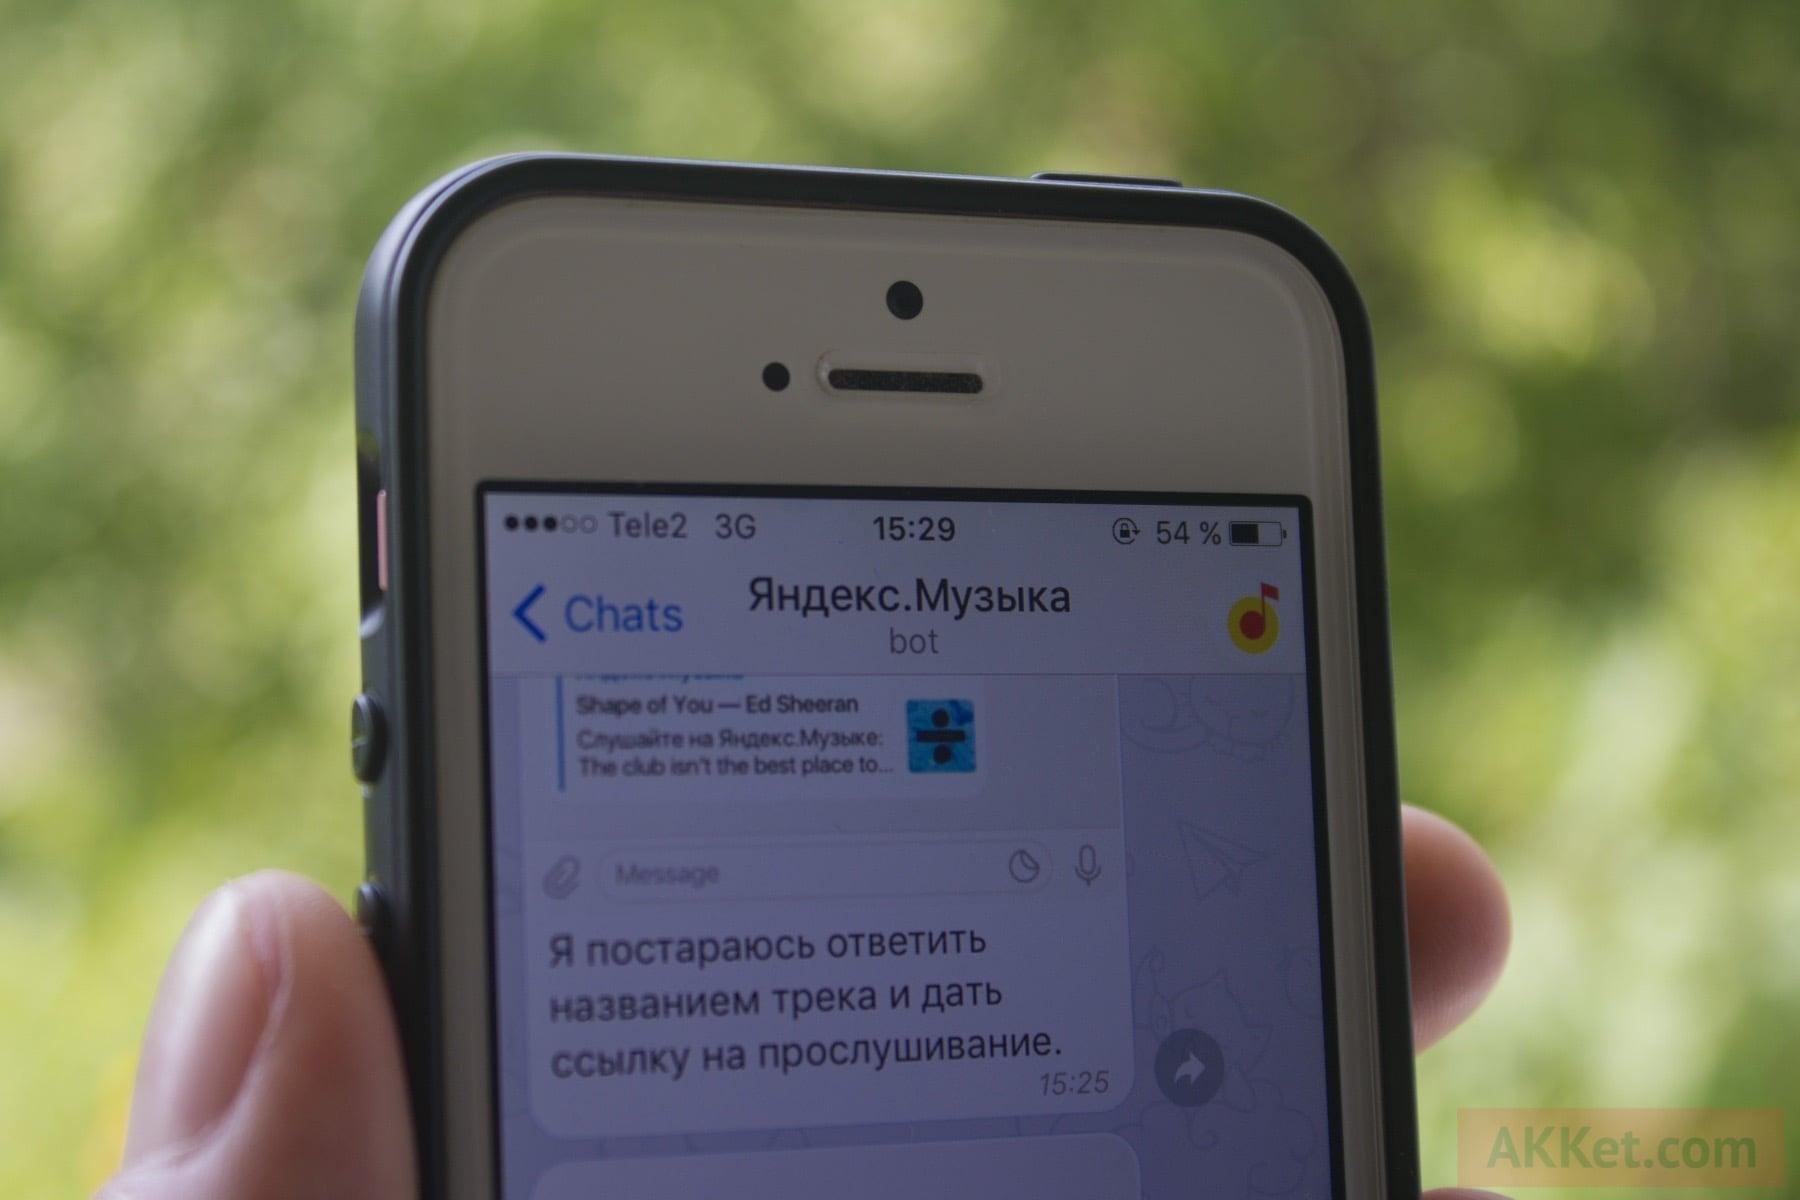 Яндекс запустил Telegram-бота для распознавания музыки